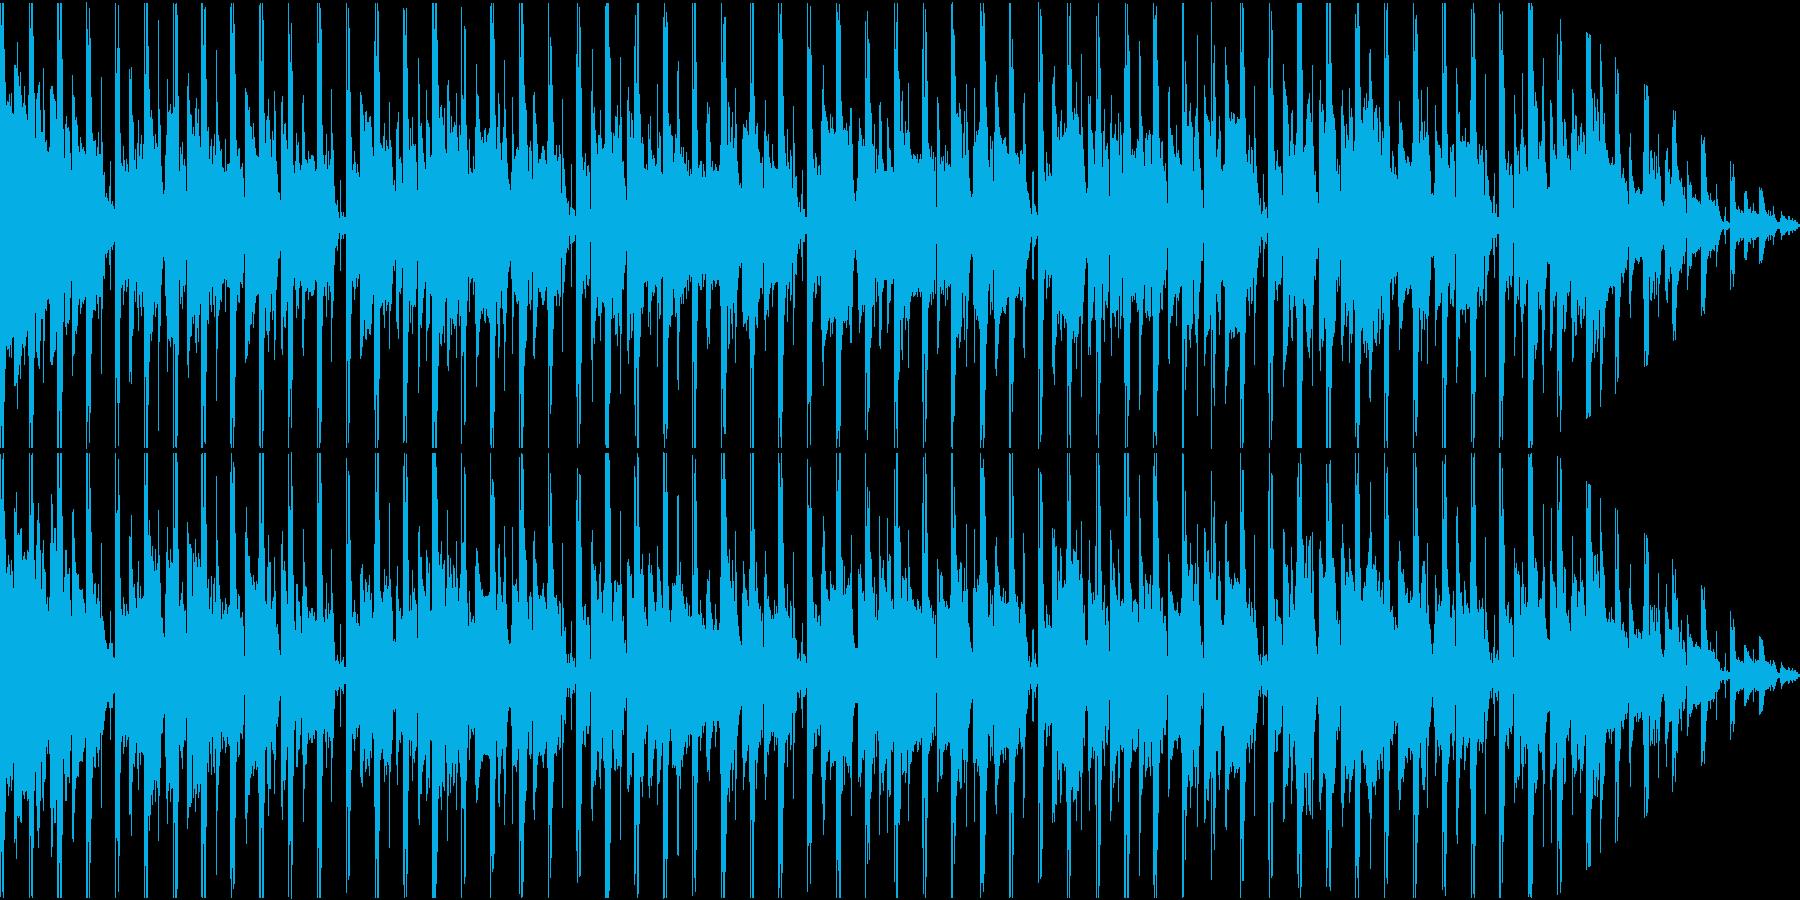 シンプルでファンキーなテクノハウスの再生済みの波形